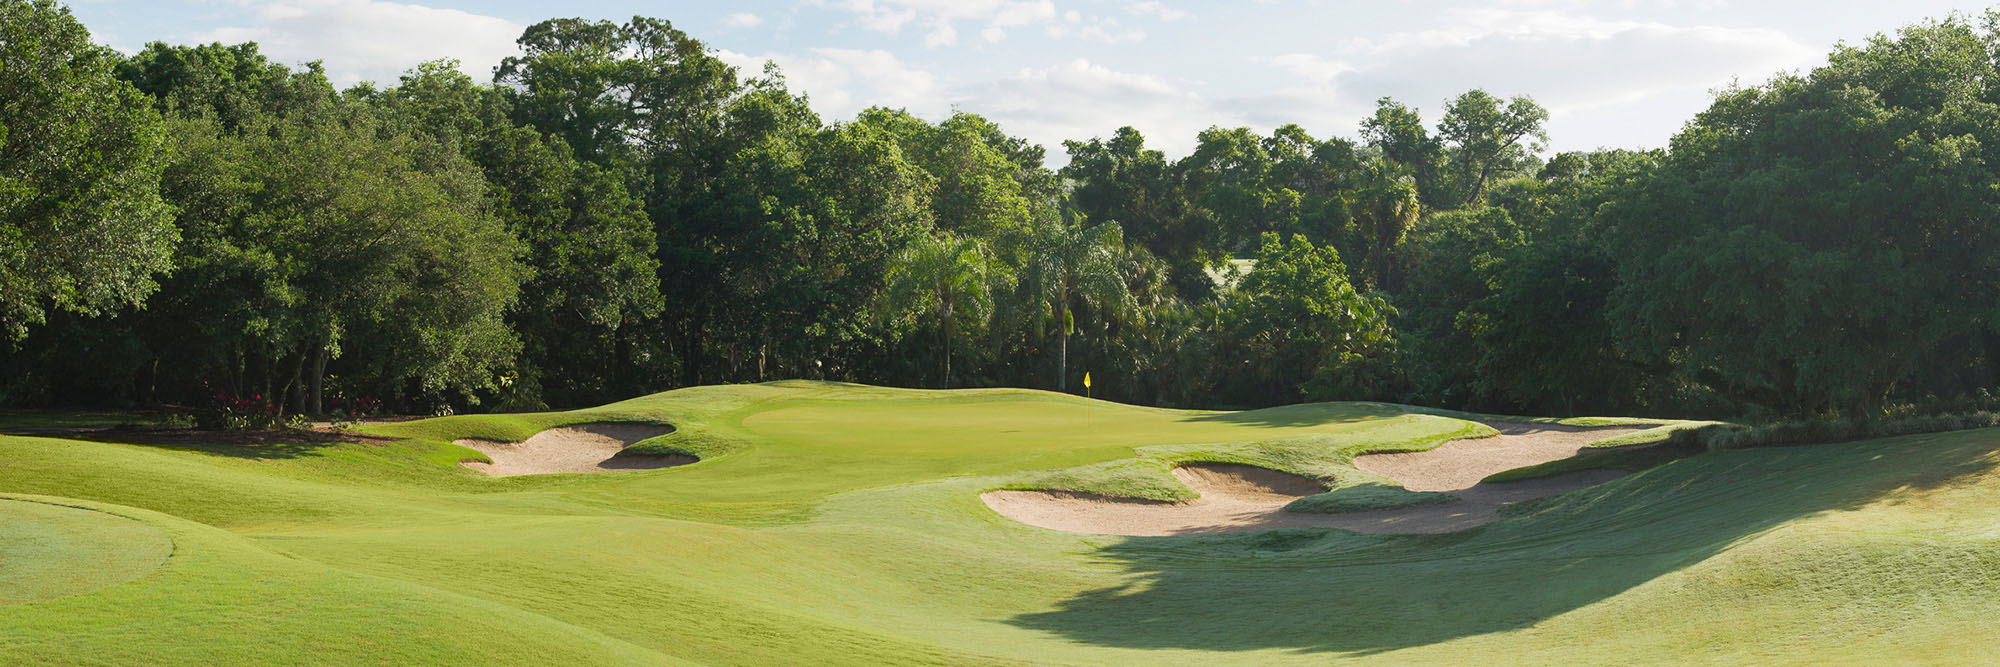 Golf Course Image - Reunion Resort Palmer No. 2